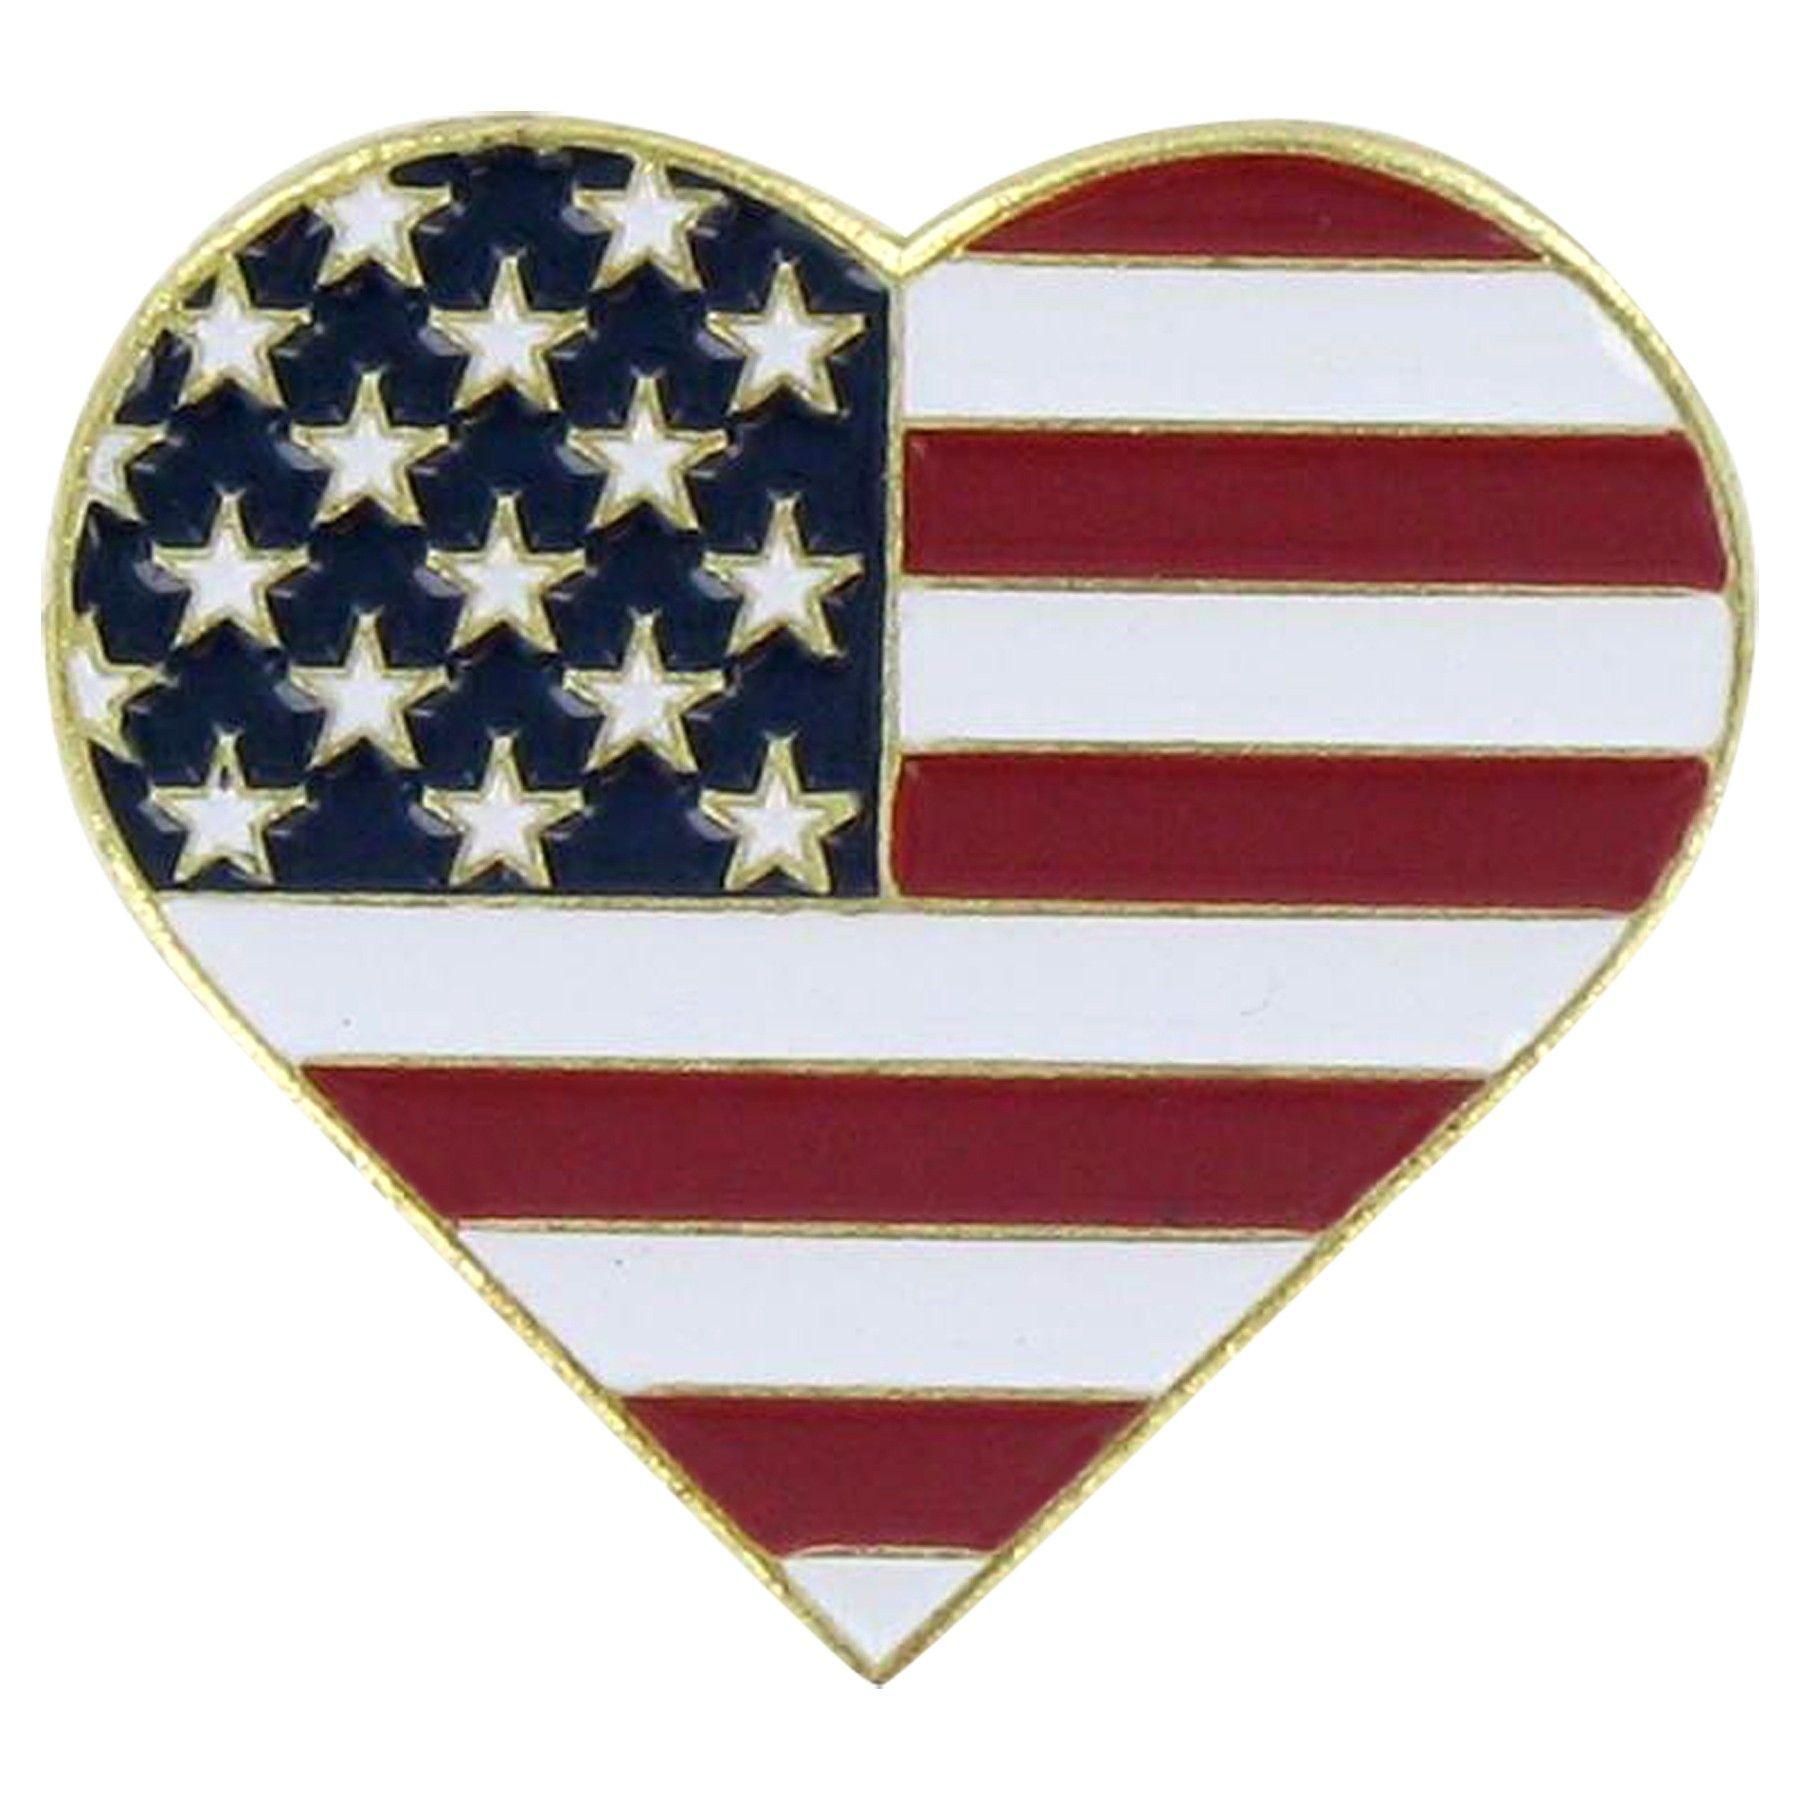 Usa Heart Pin Patriotic Pins American Flag Lapel Pin Heart Pin